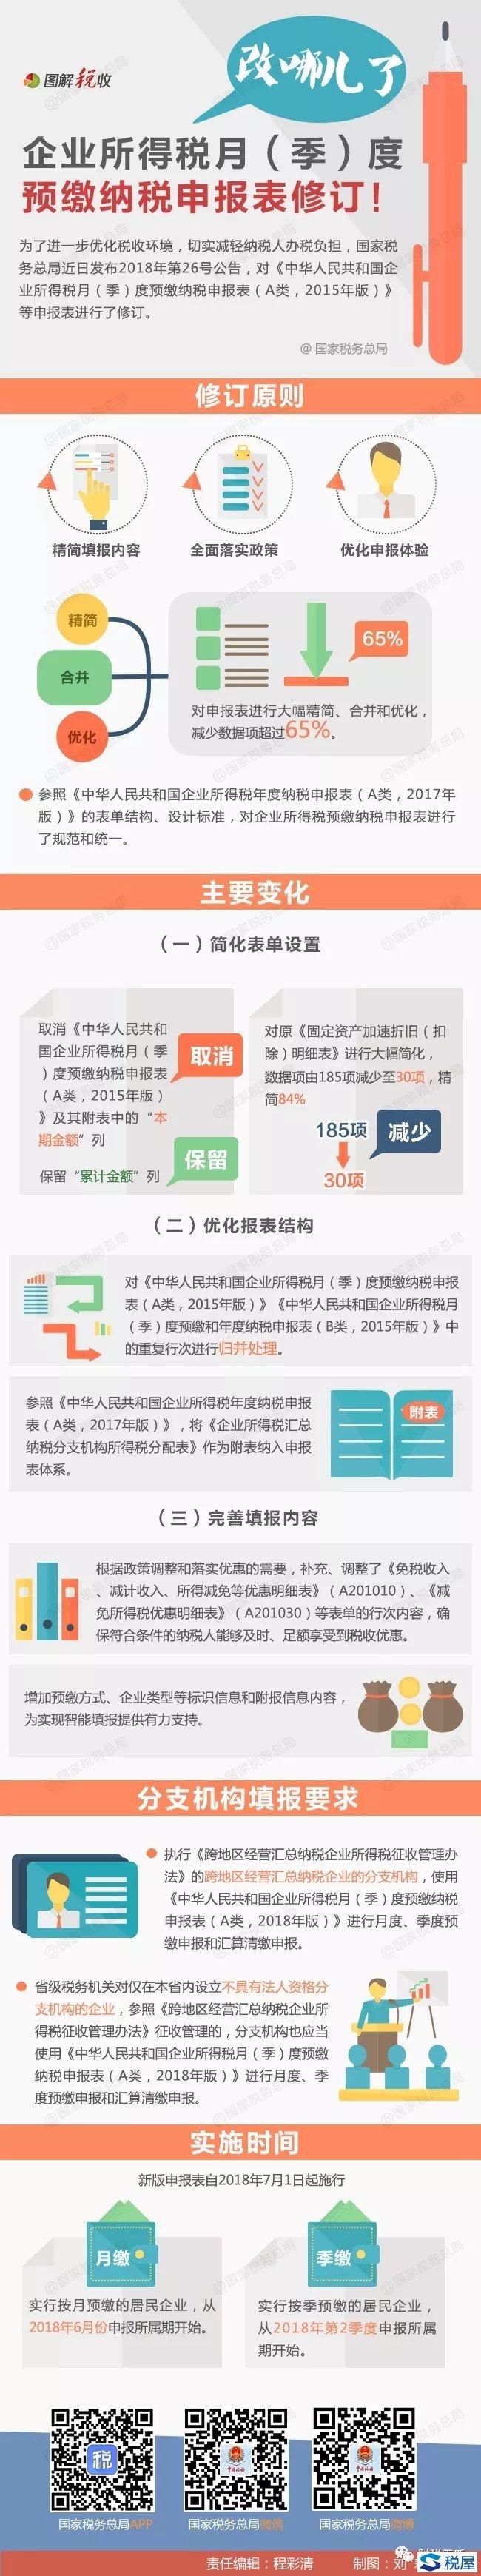 国家税务总局公告2018年第26号 国家税务总局关于发布《中华人民共和国企业所得税月(季)度预缴纳税申报表(A类,2018年版)》等报表的公告